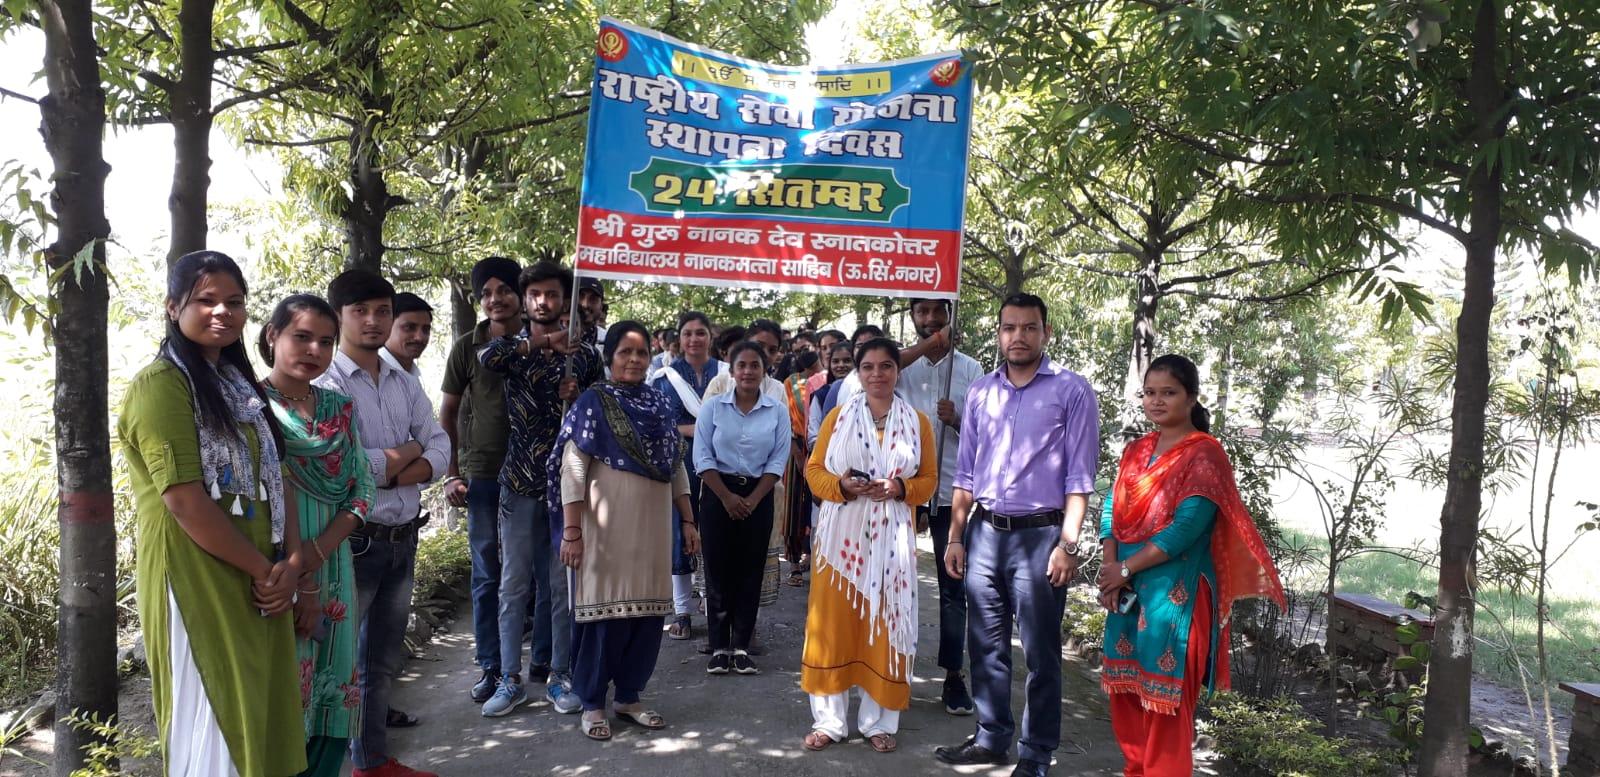 स्वयंसेवी छात्र-छात्राओं ने महाविद्यालय में मनाया एनएसएस स्थापना दिवस